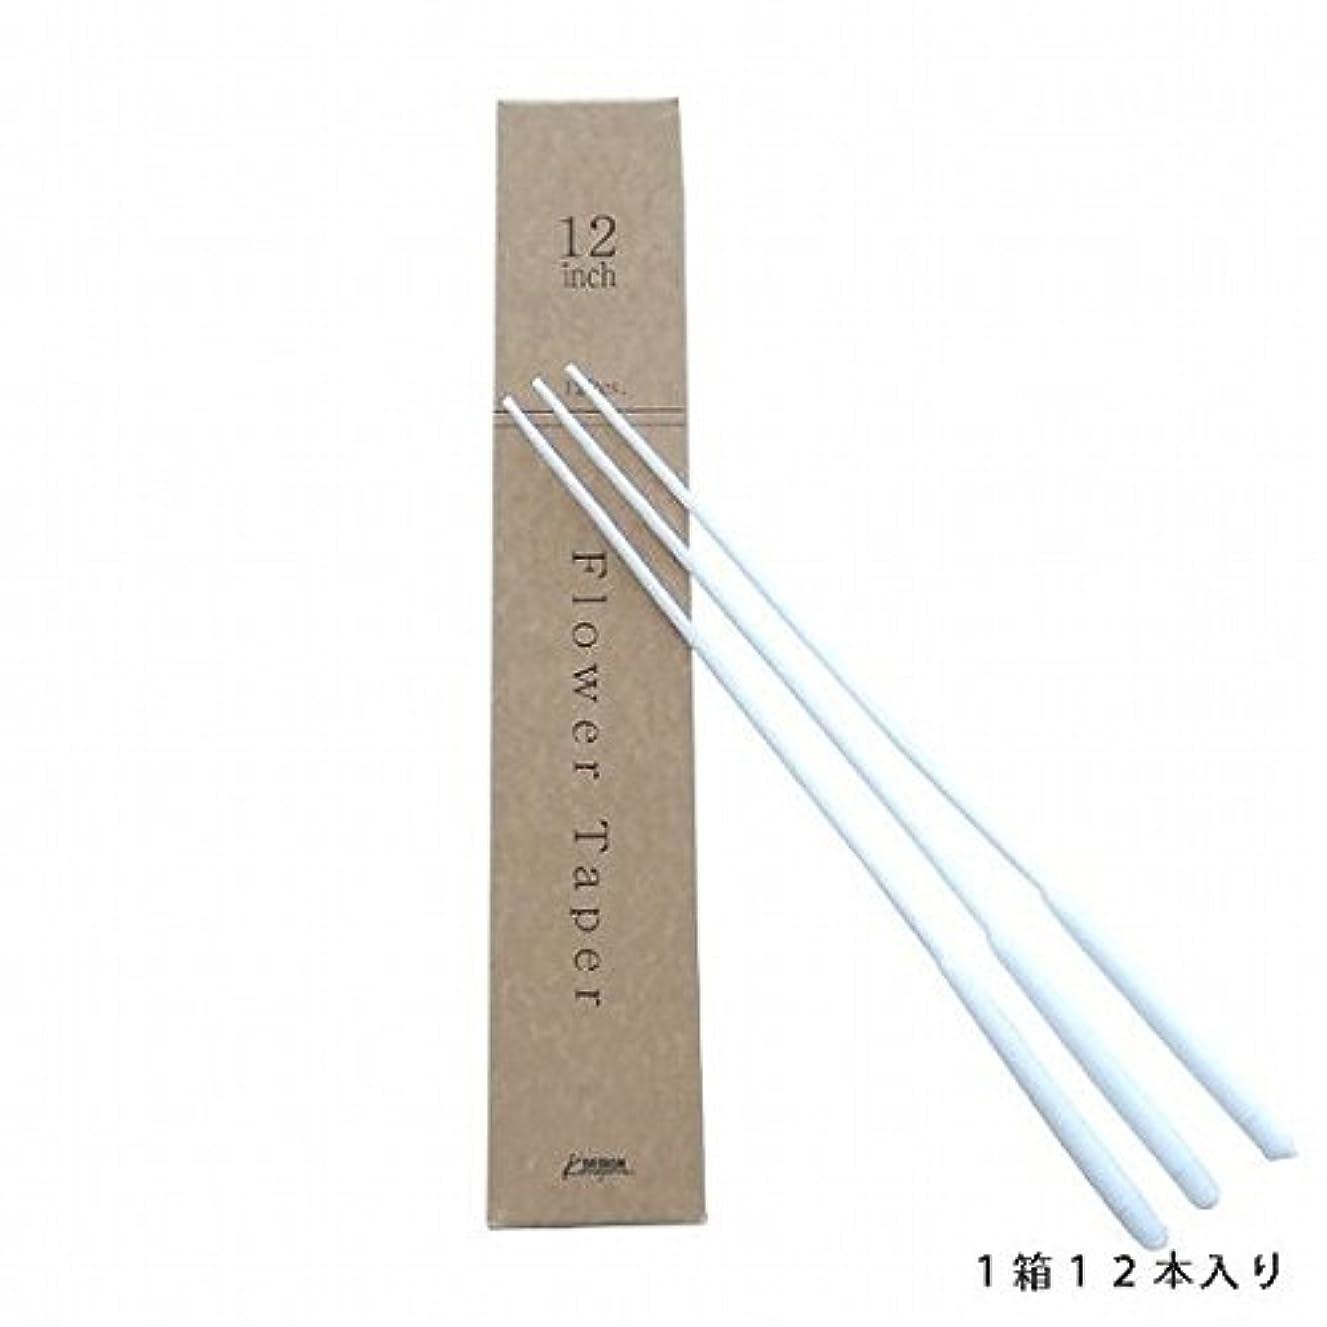 表示日付アクセスkameyama candle(カメヤマキャンドル) 12インチトーチ用フラワーテーパー12本入 「 ホワイト 」(72339900W)